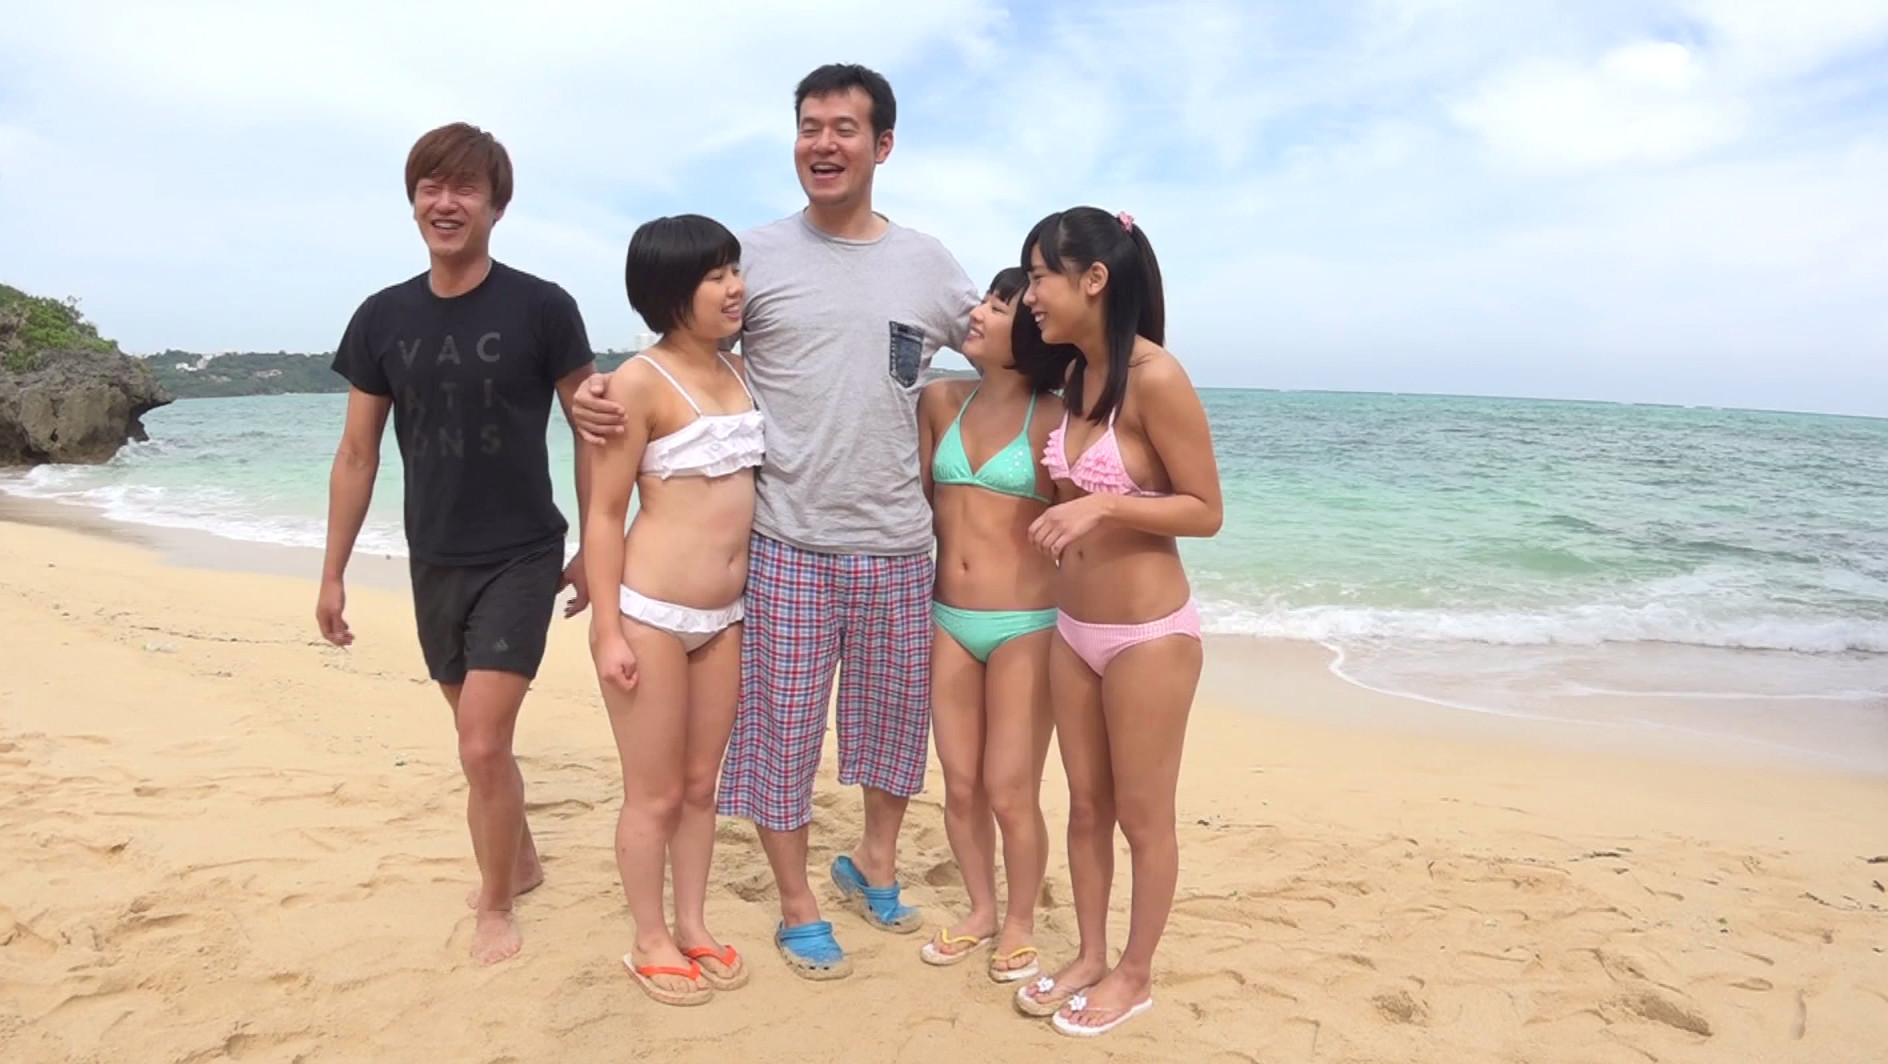 トリプル日焼けロリィちゃん 海辺で遊ぶパイパン娘をナンパして中出し乱交しちゃいました。,のサンプル画像2